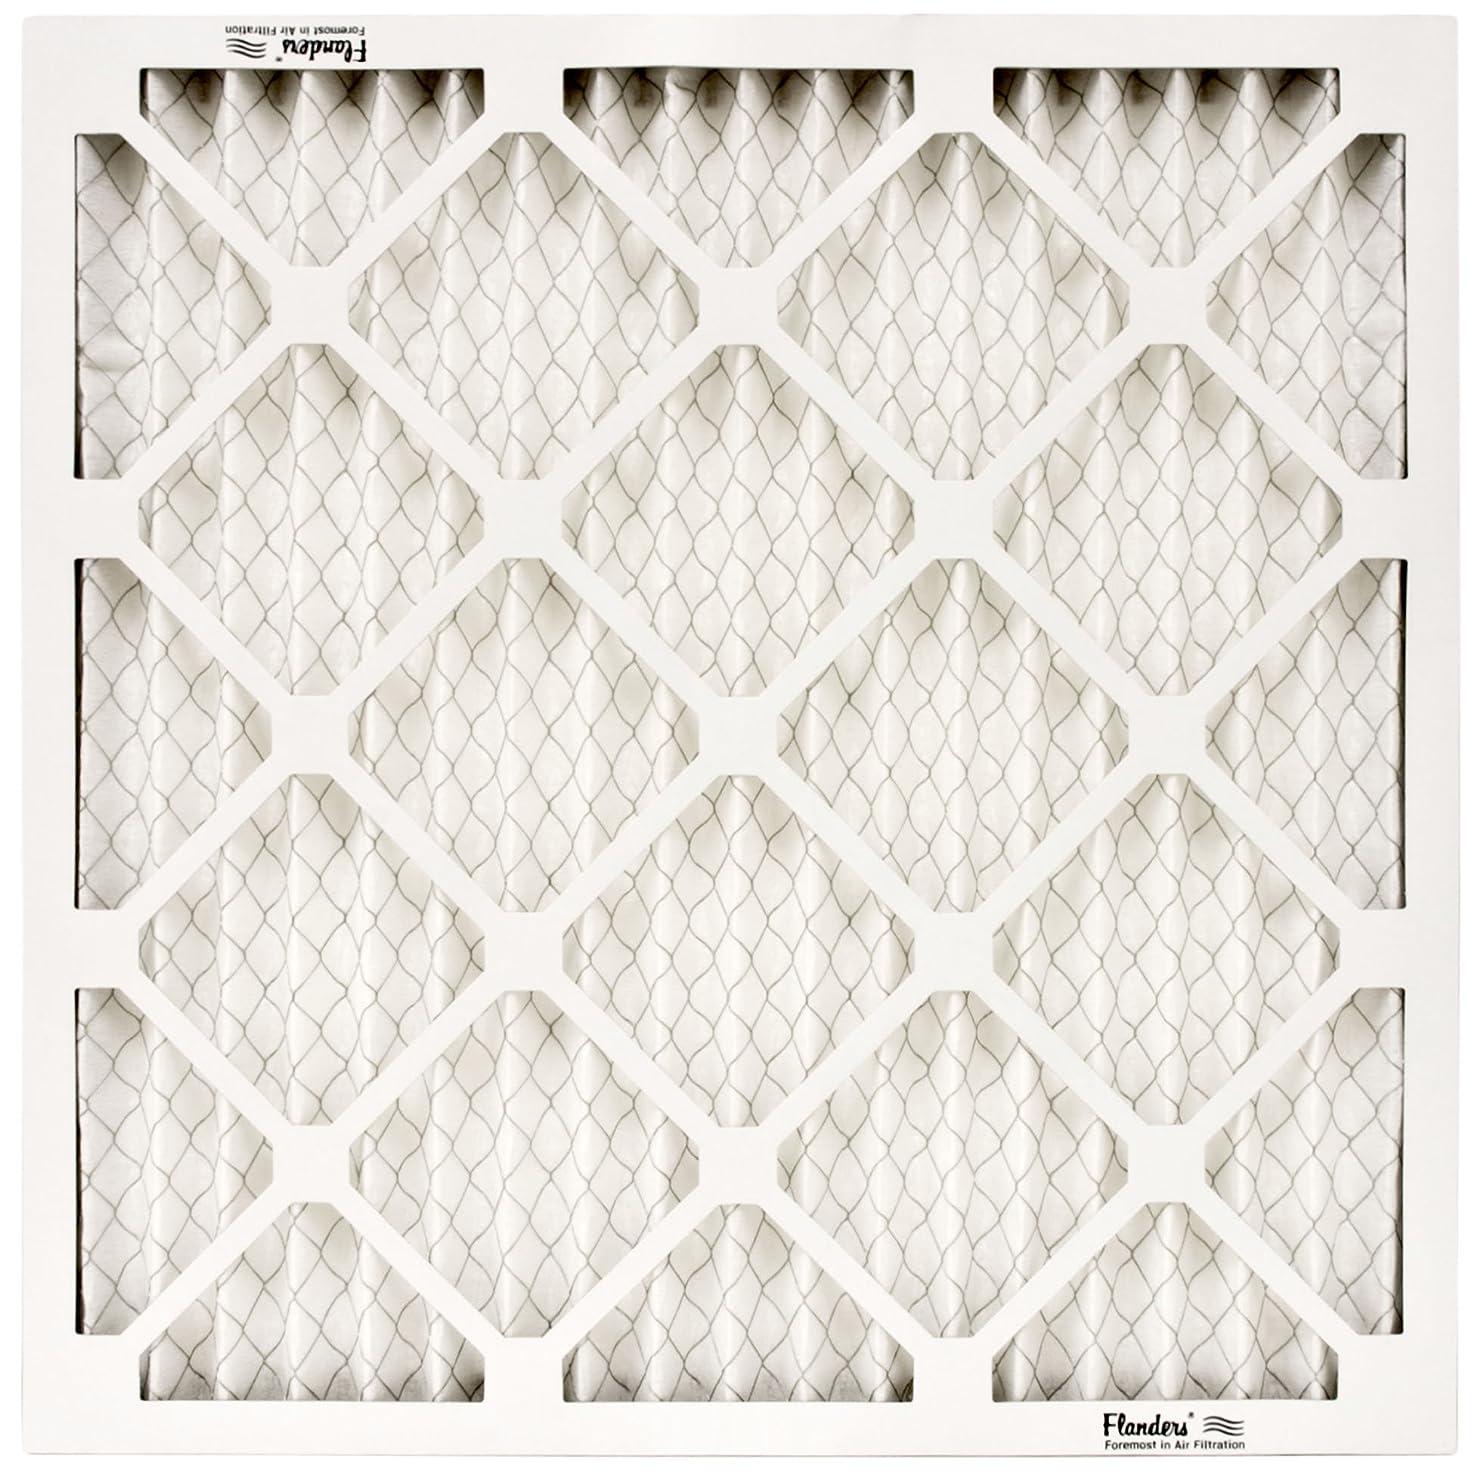 NaturalAire Standard Air Filter, MERV 8, 16 x 25, 1-inch, 12-Pack zgeelsefqmwxm0